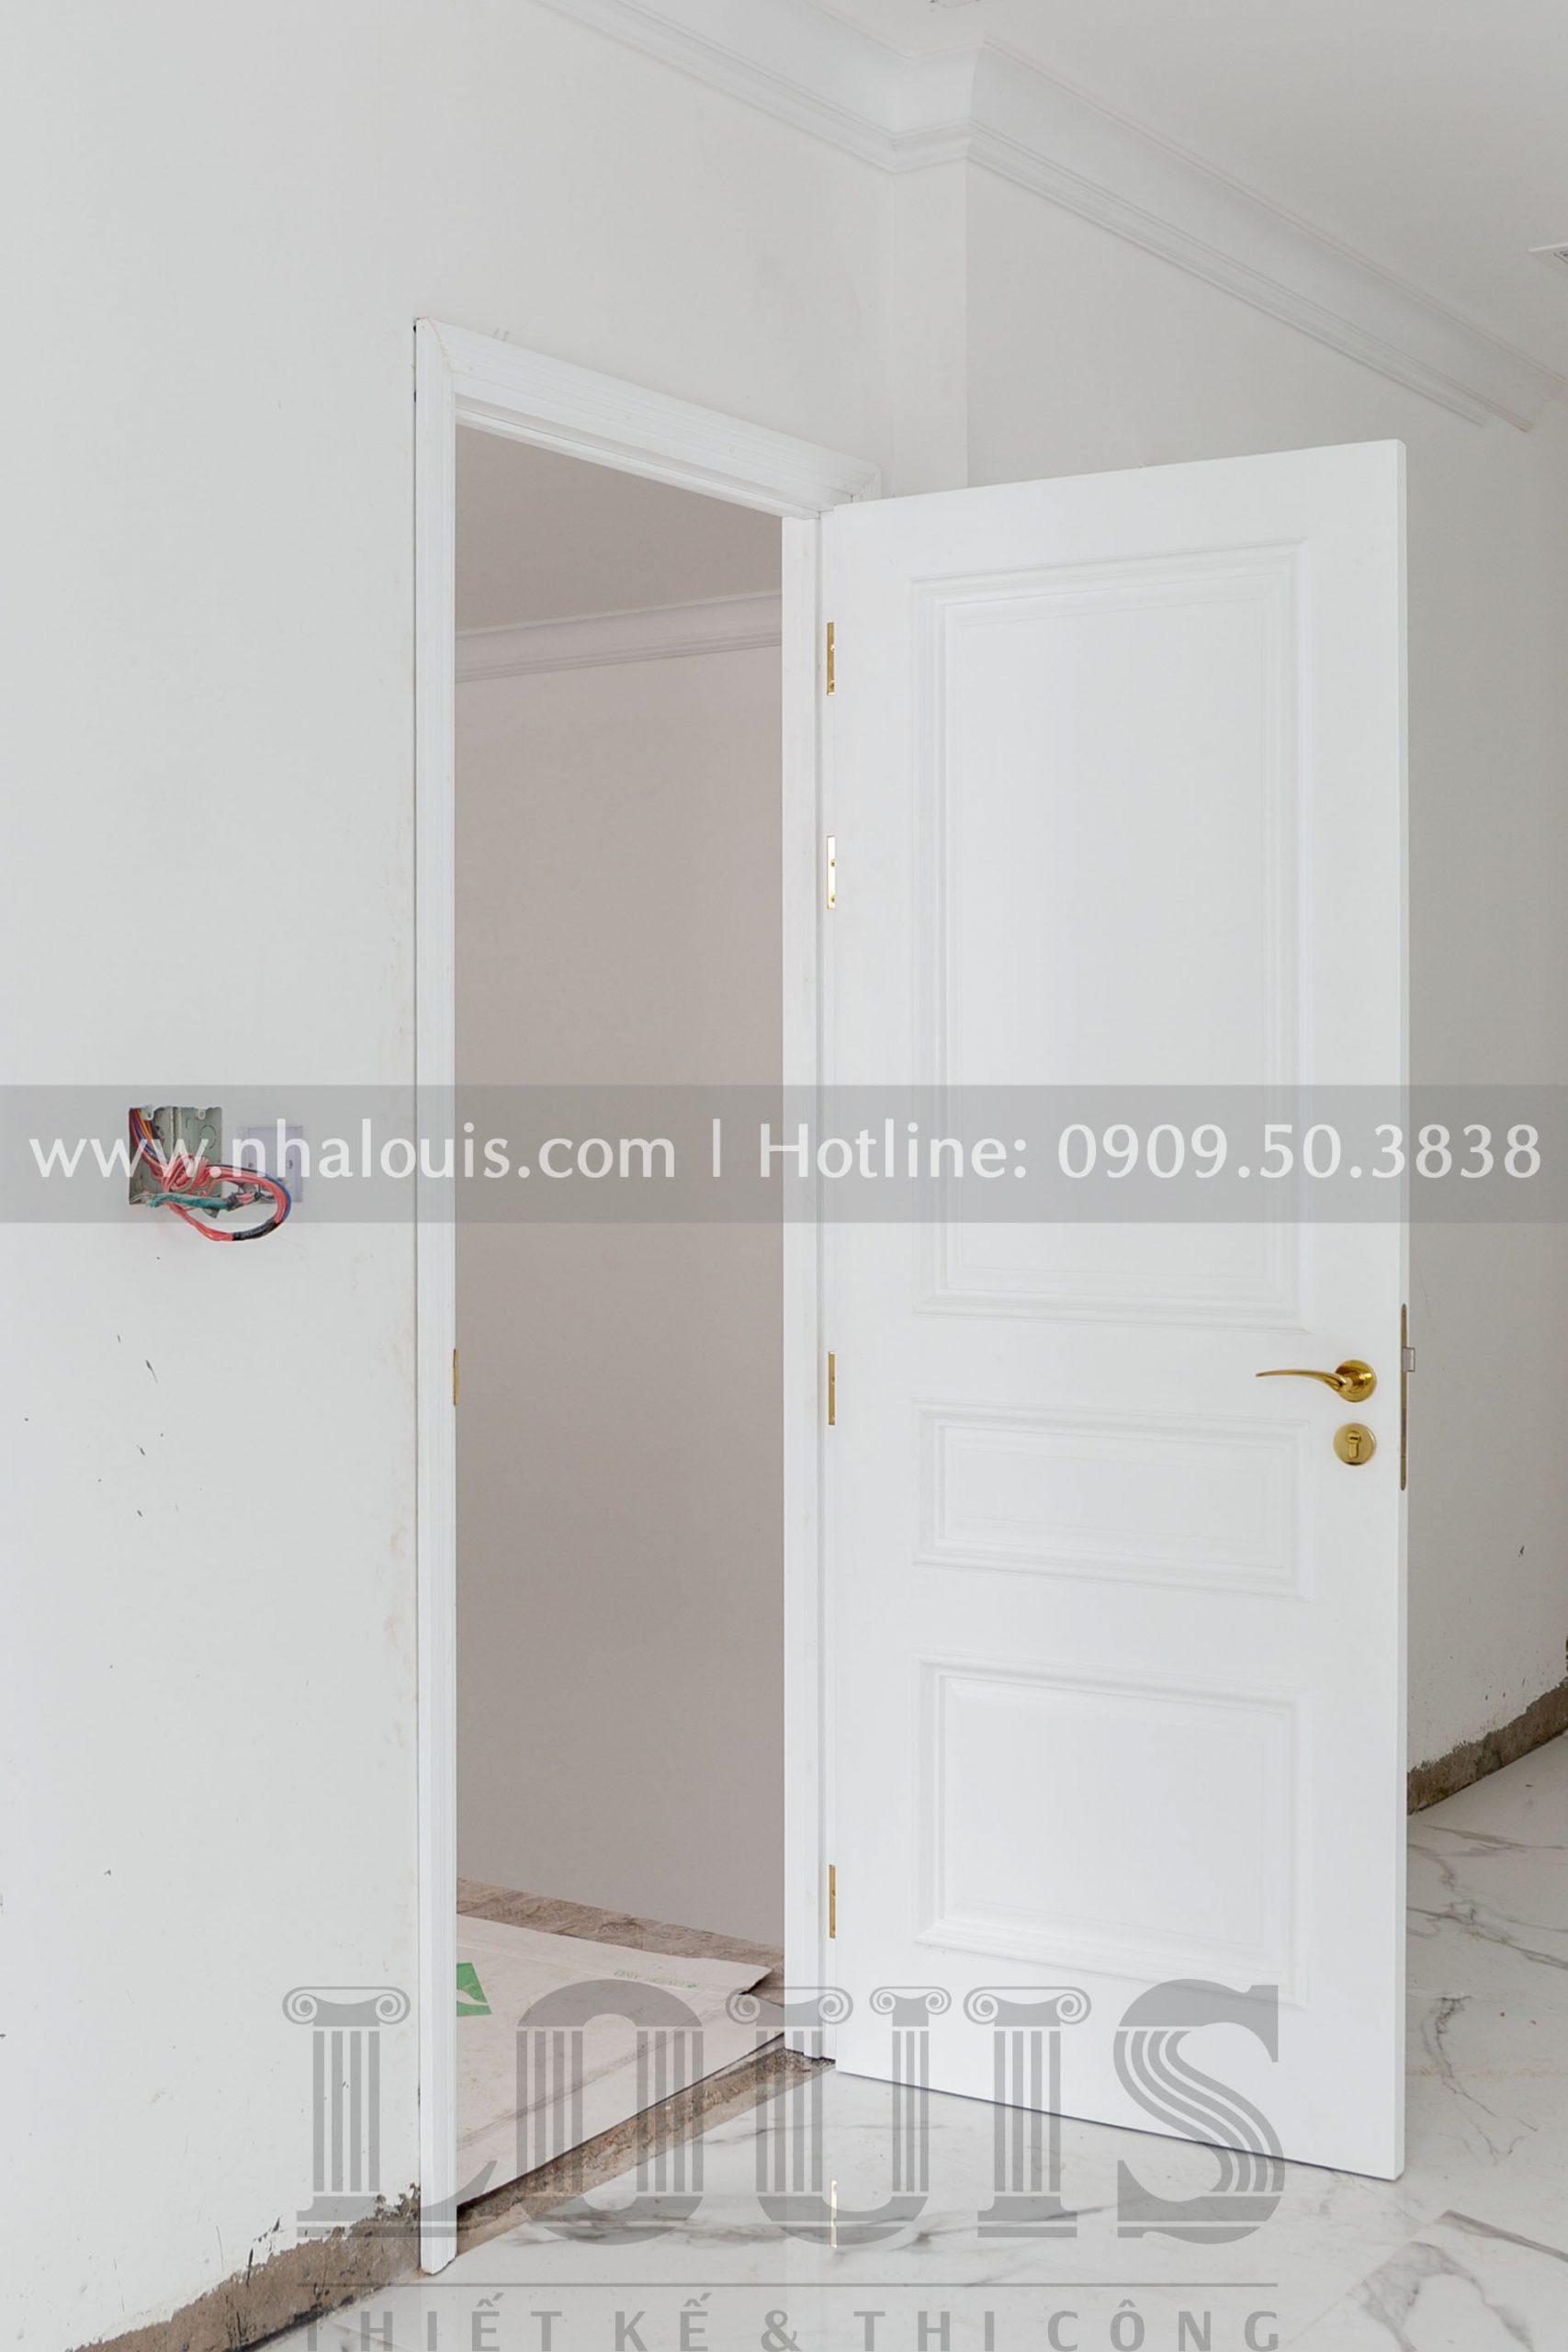 Lắt đặt bộ cửa gỗ trắng cho biệt thự tân cổ điển quận 2